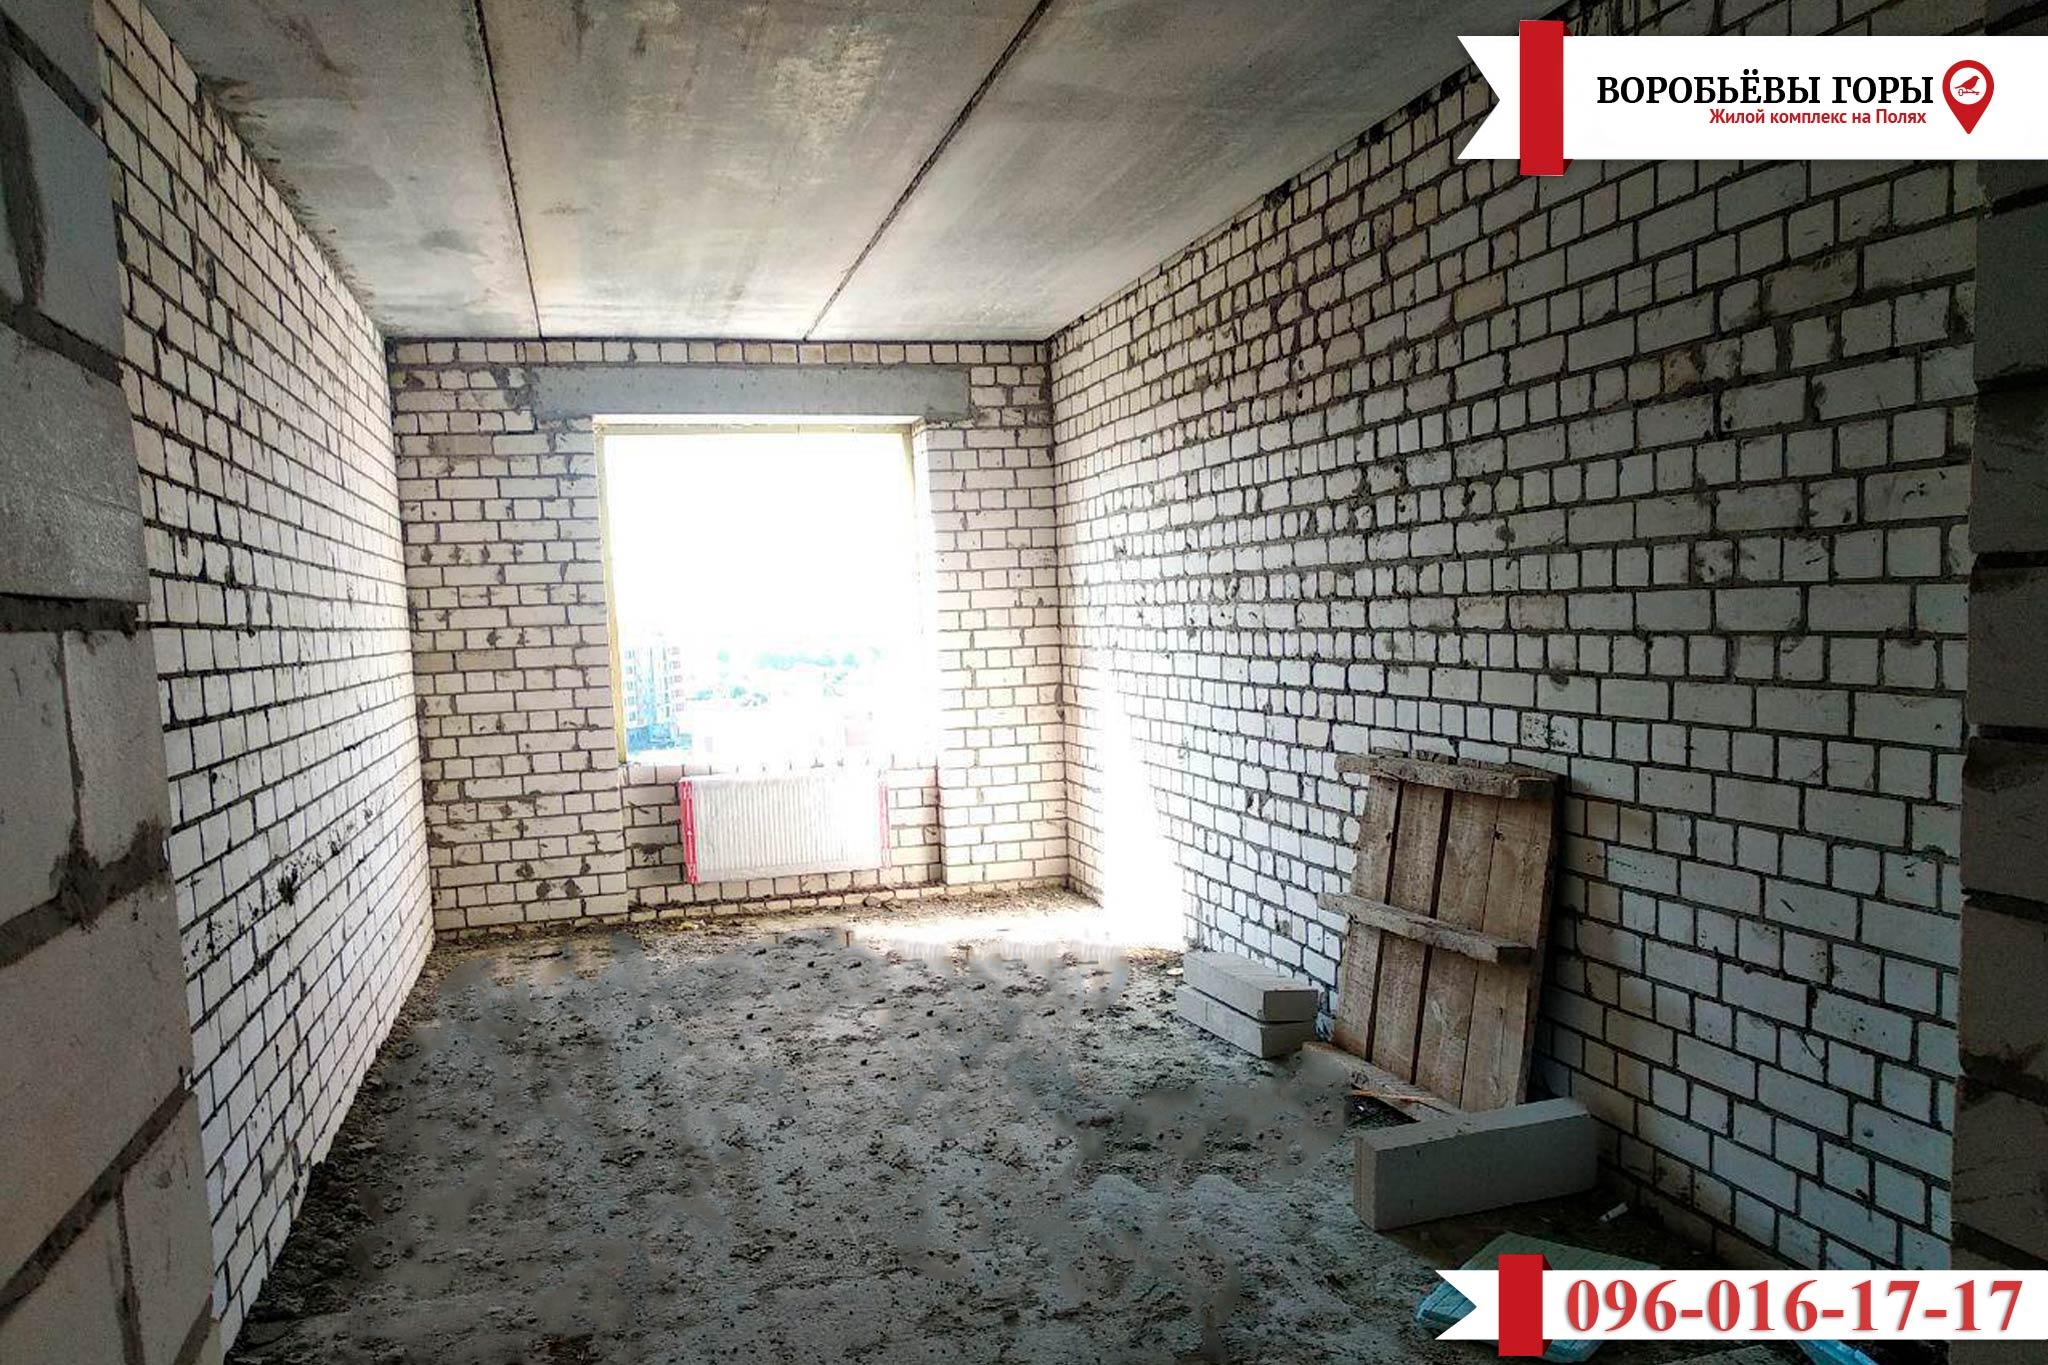 Появилась новая информация о строительстве ЖК «Воробьевы Горы на Полях»